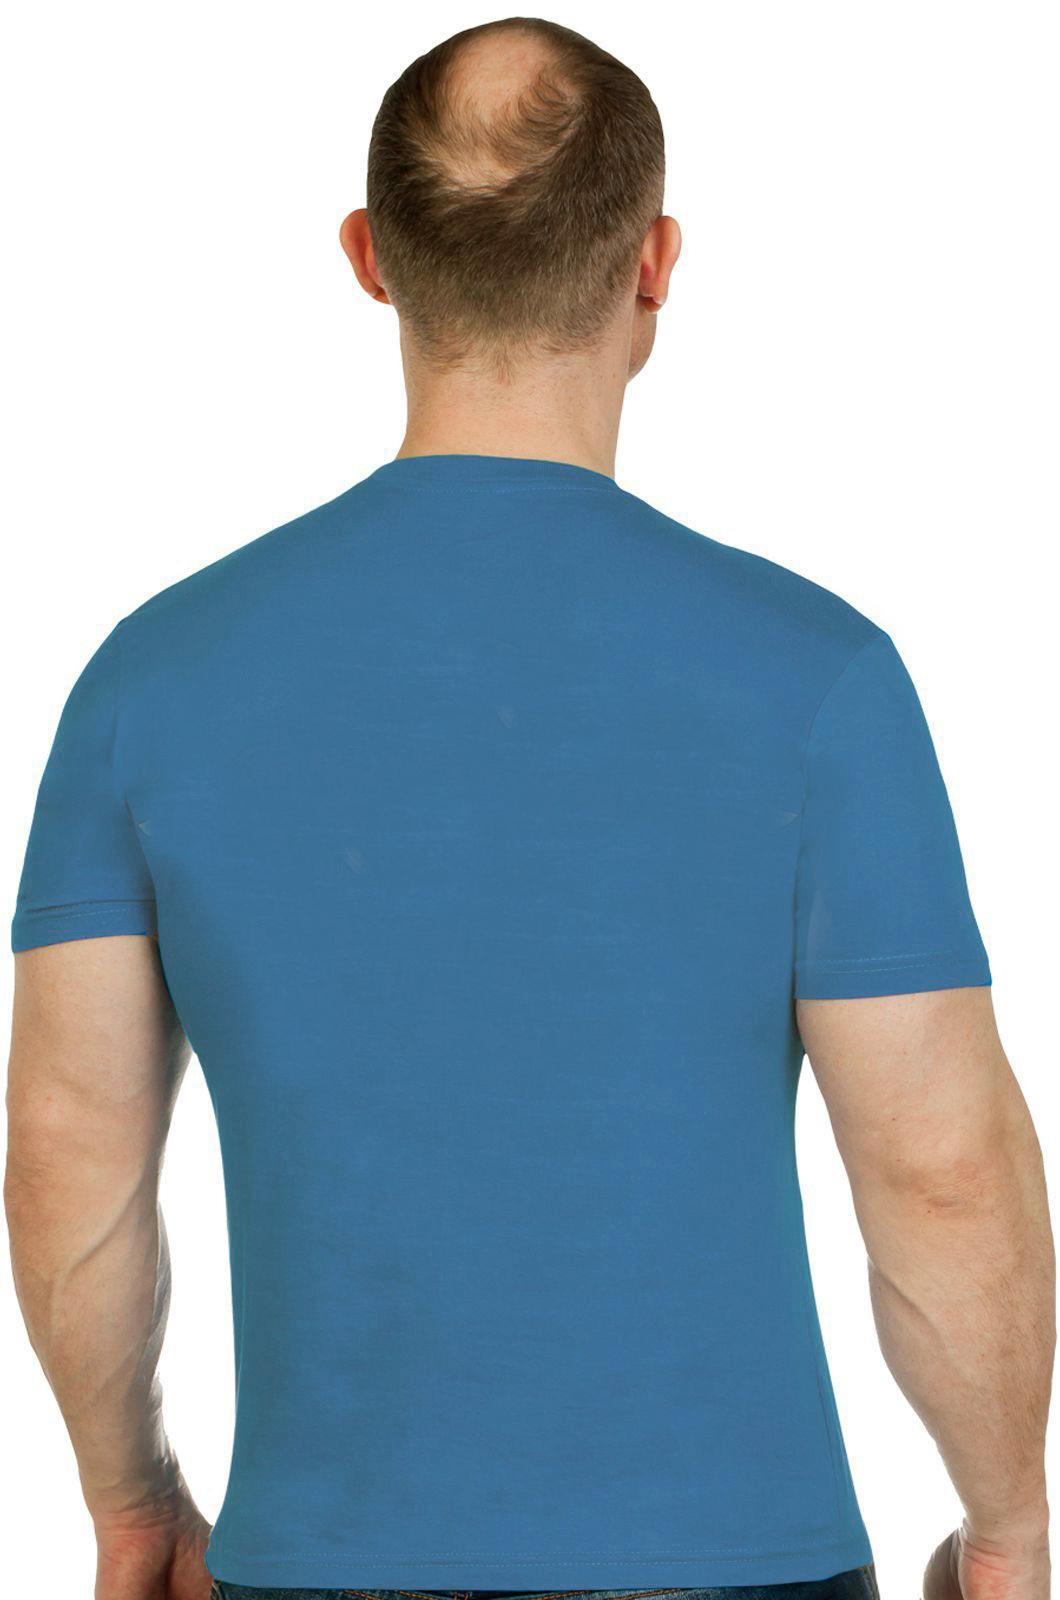 Удобная бирюзовая футболка с вышитой эмблемой ВДВ - купить в Военпро